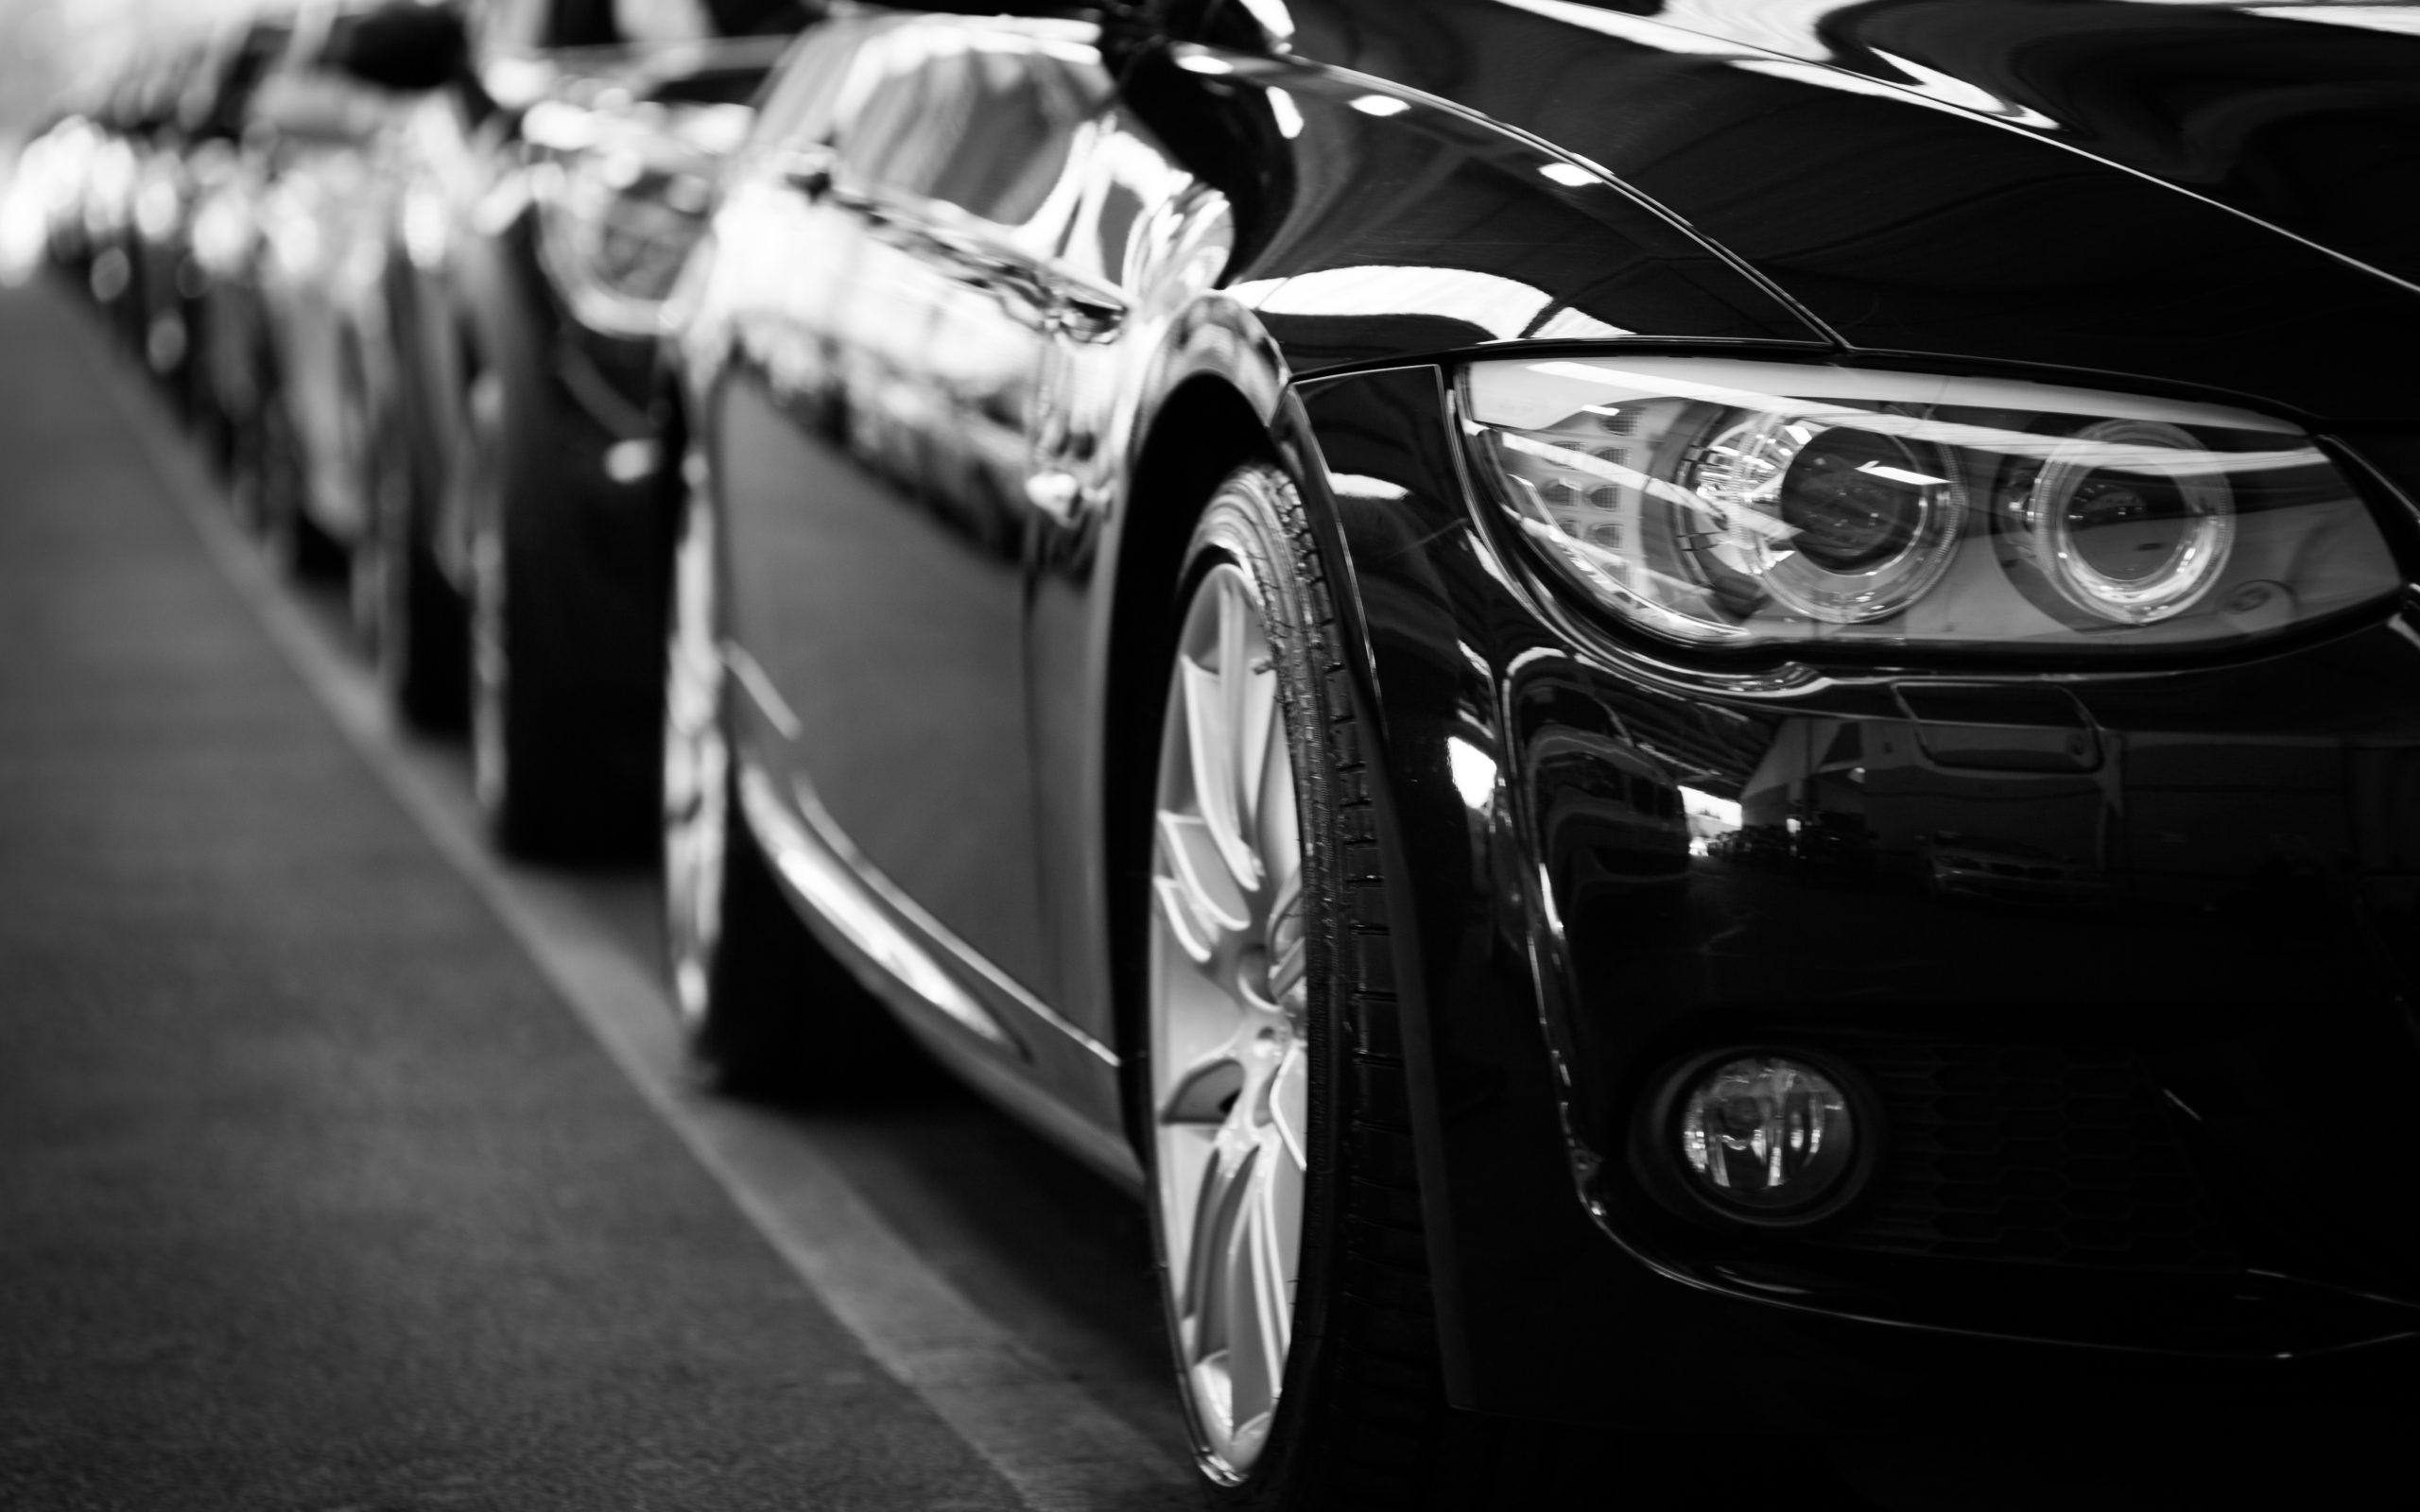 imagem preto e branco de um carro